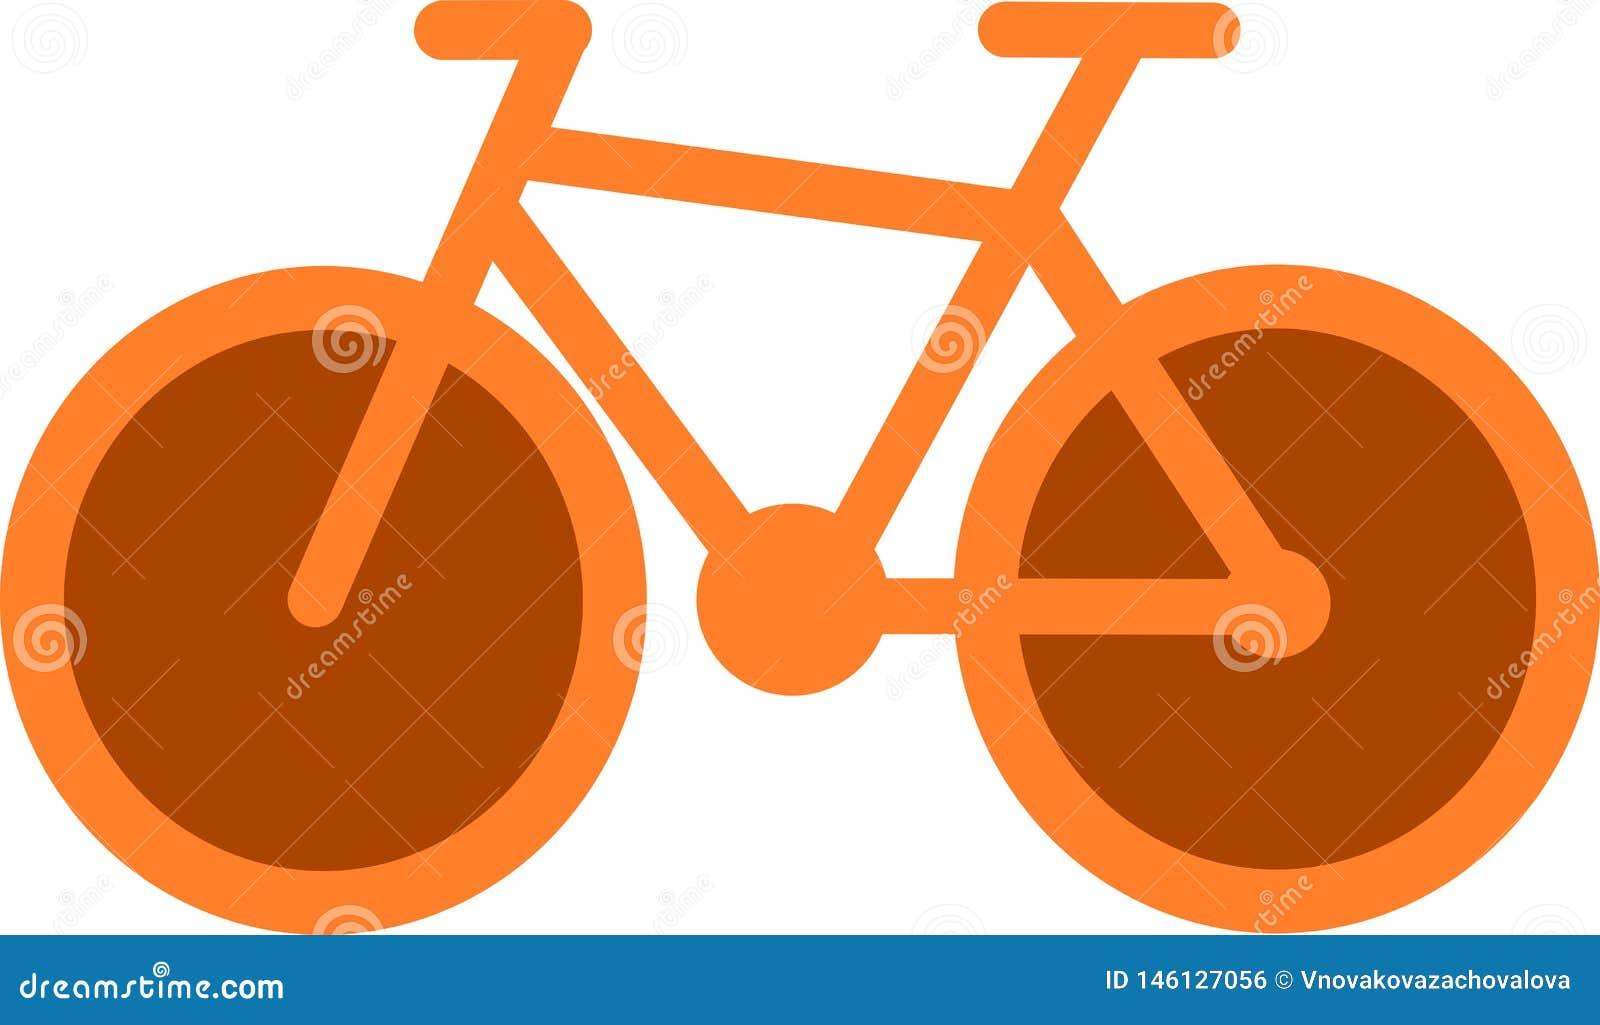 Πορτοκαλί εικονίδιο ποδηλάτων